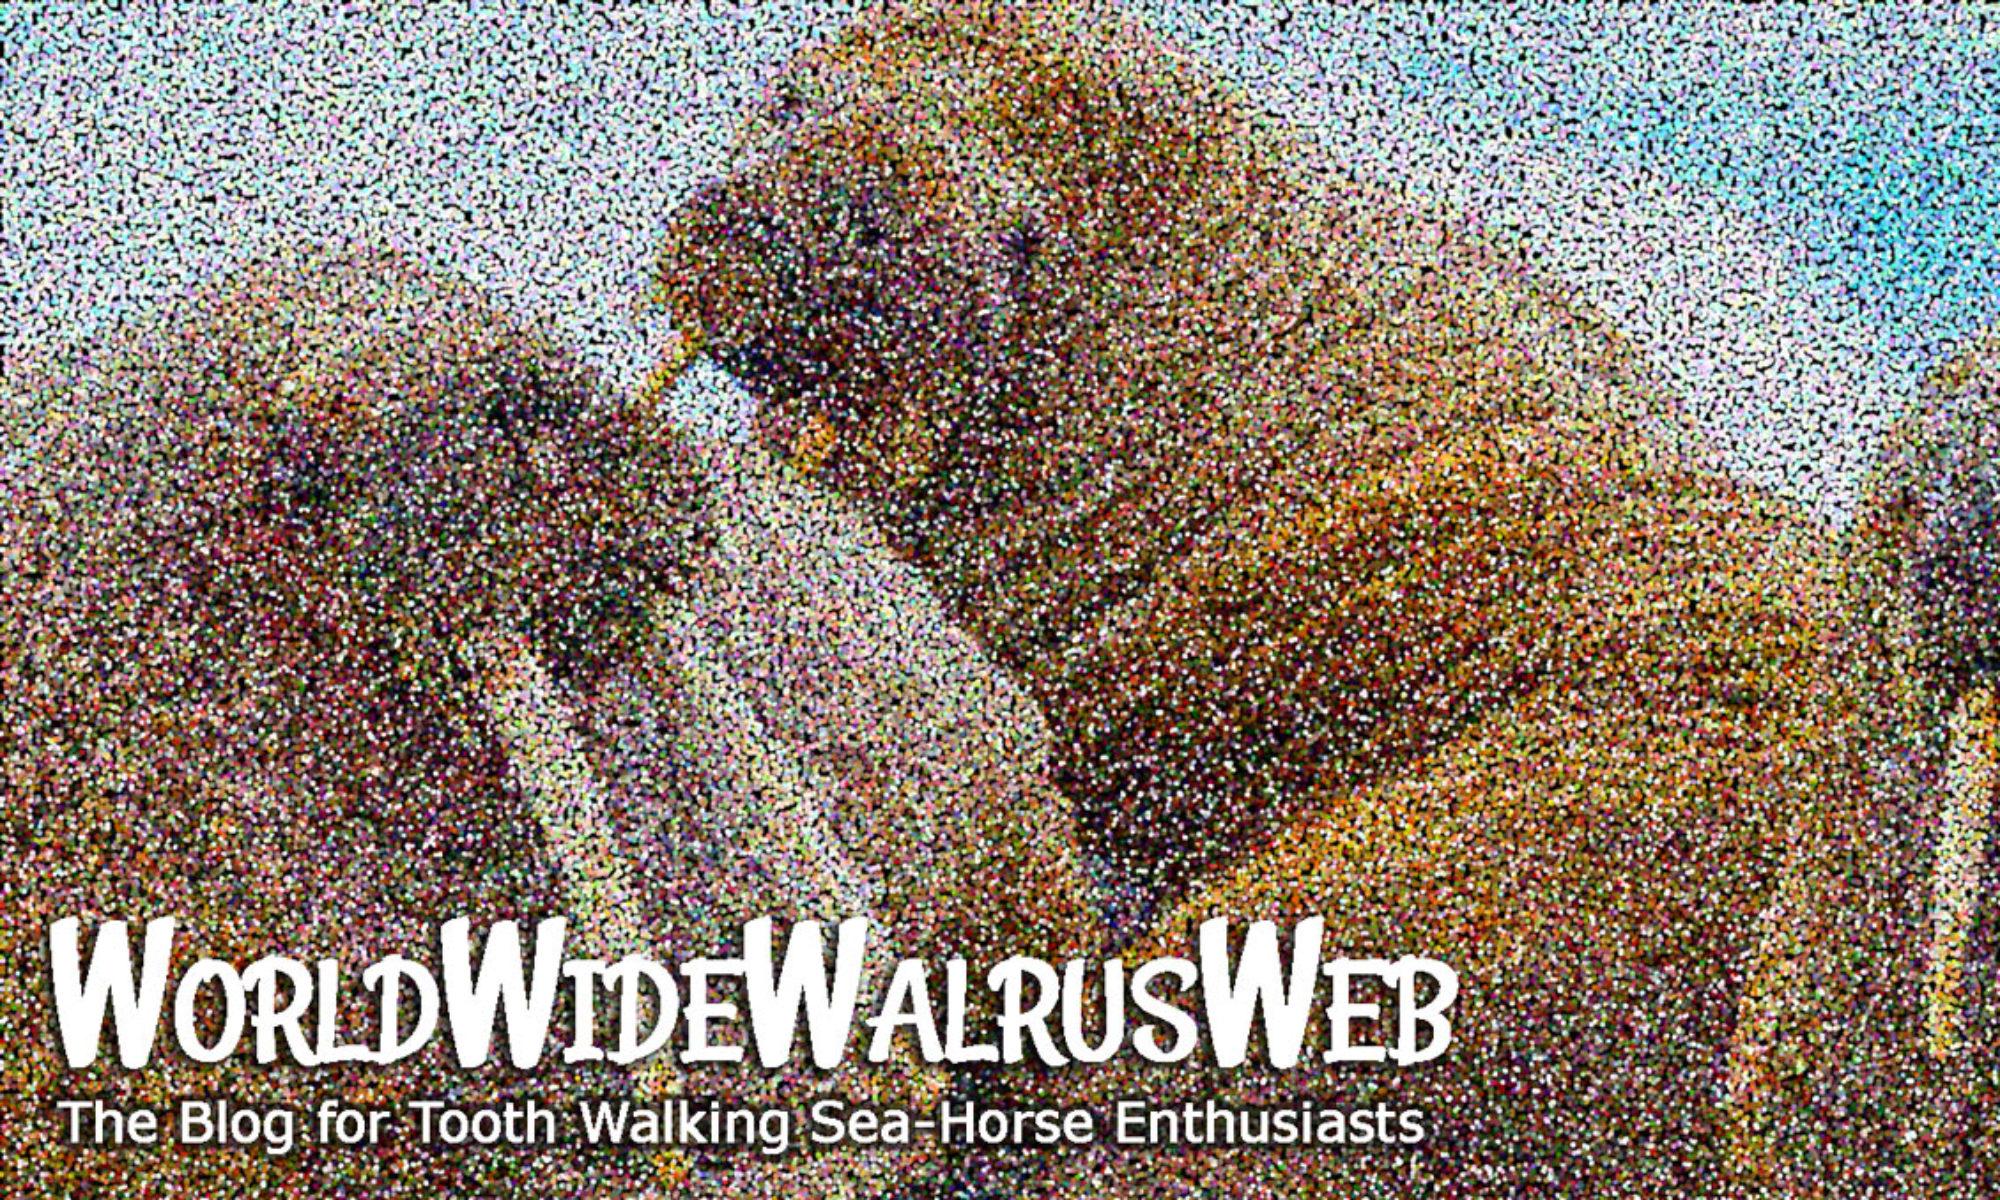 World Wide Walrus Web